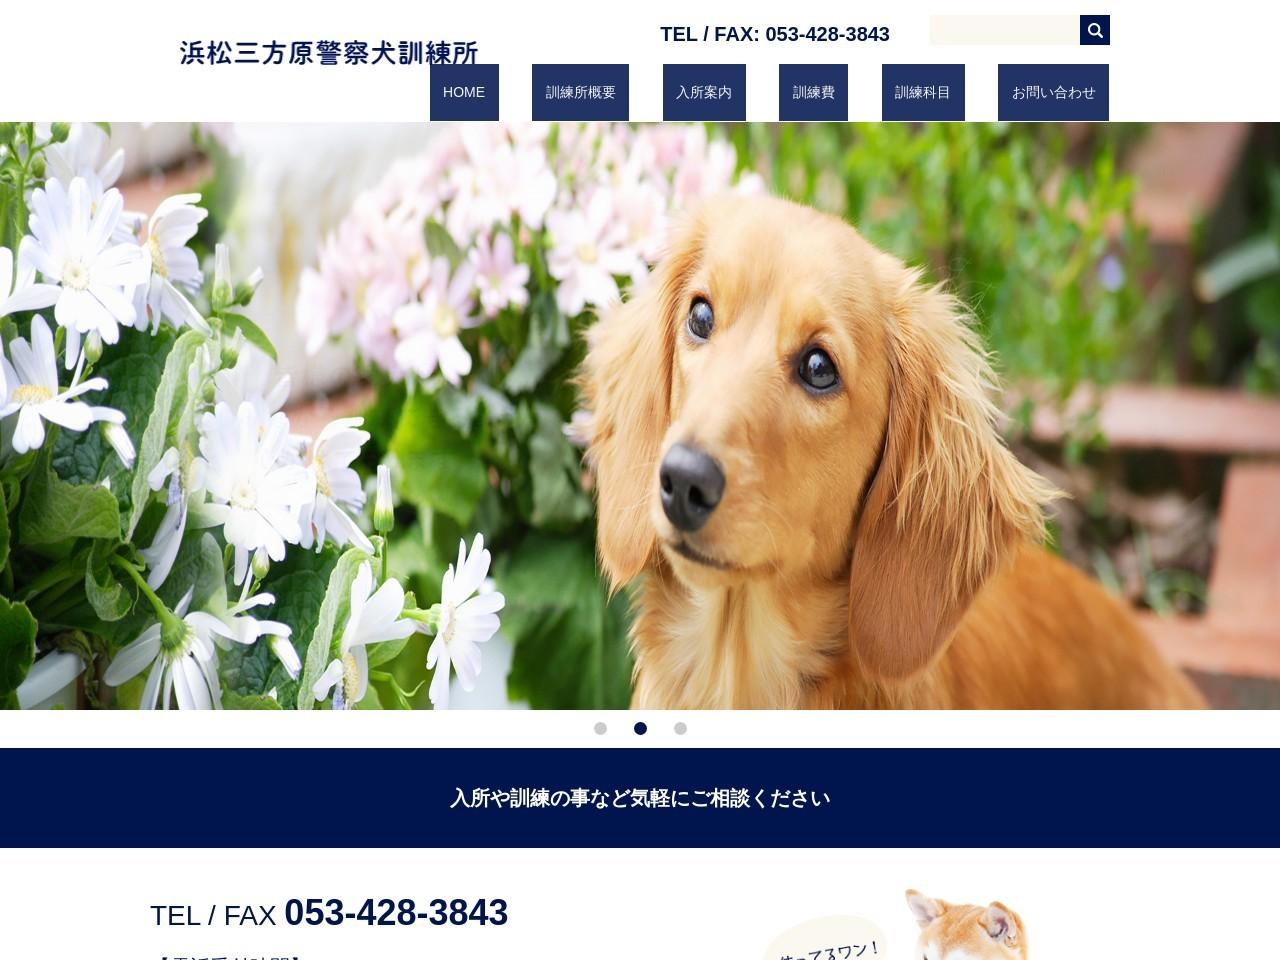 浜松三方原警察犬訓練所